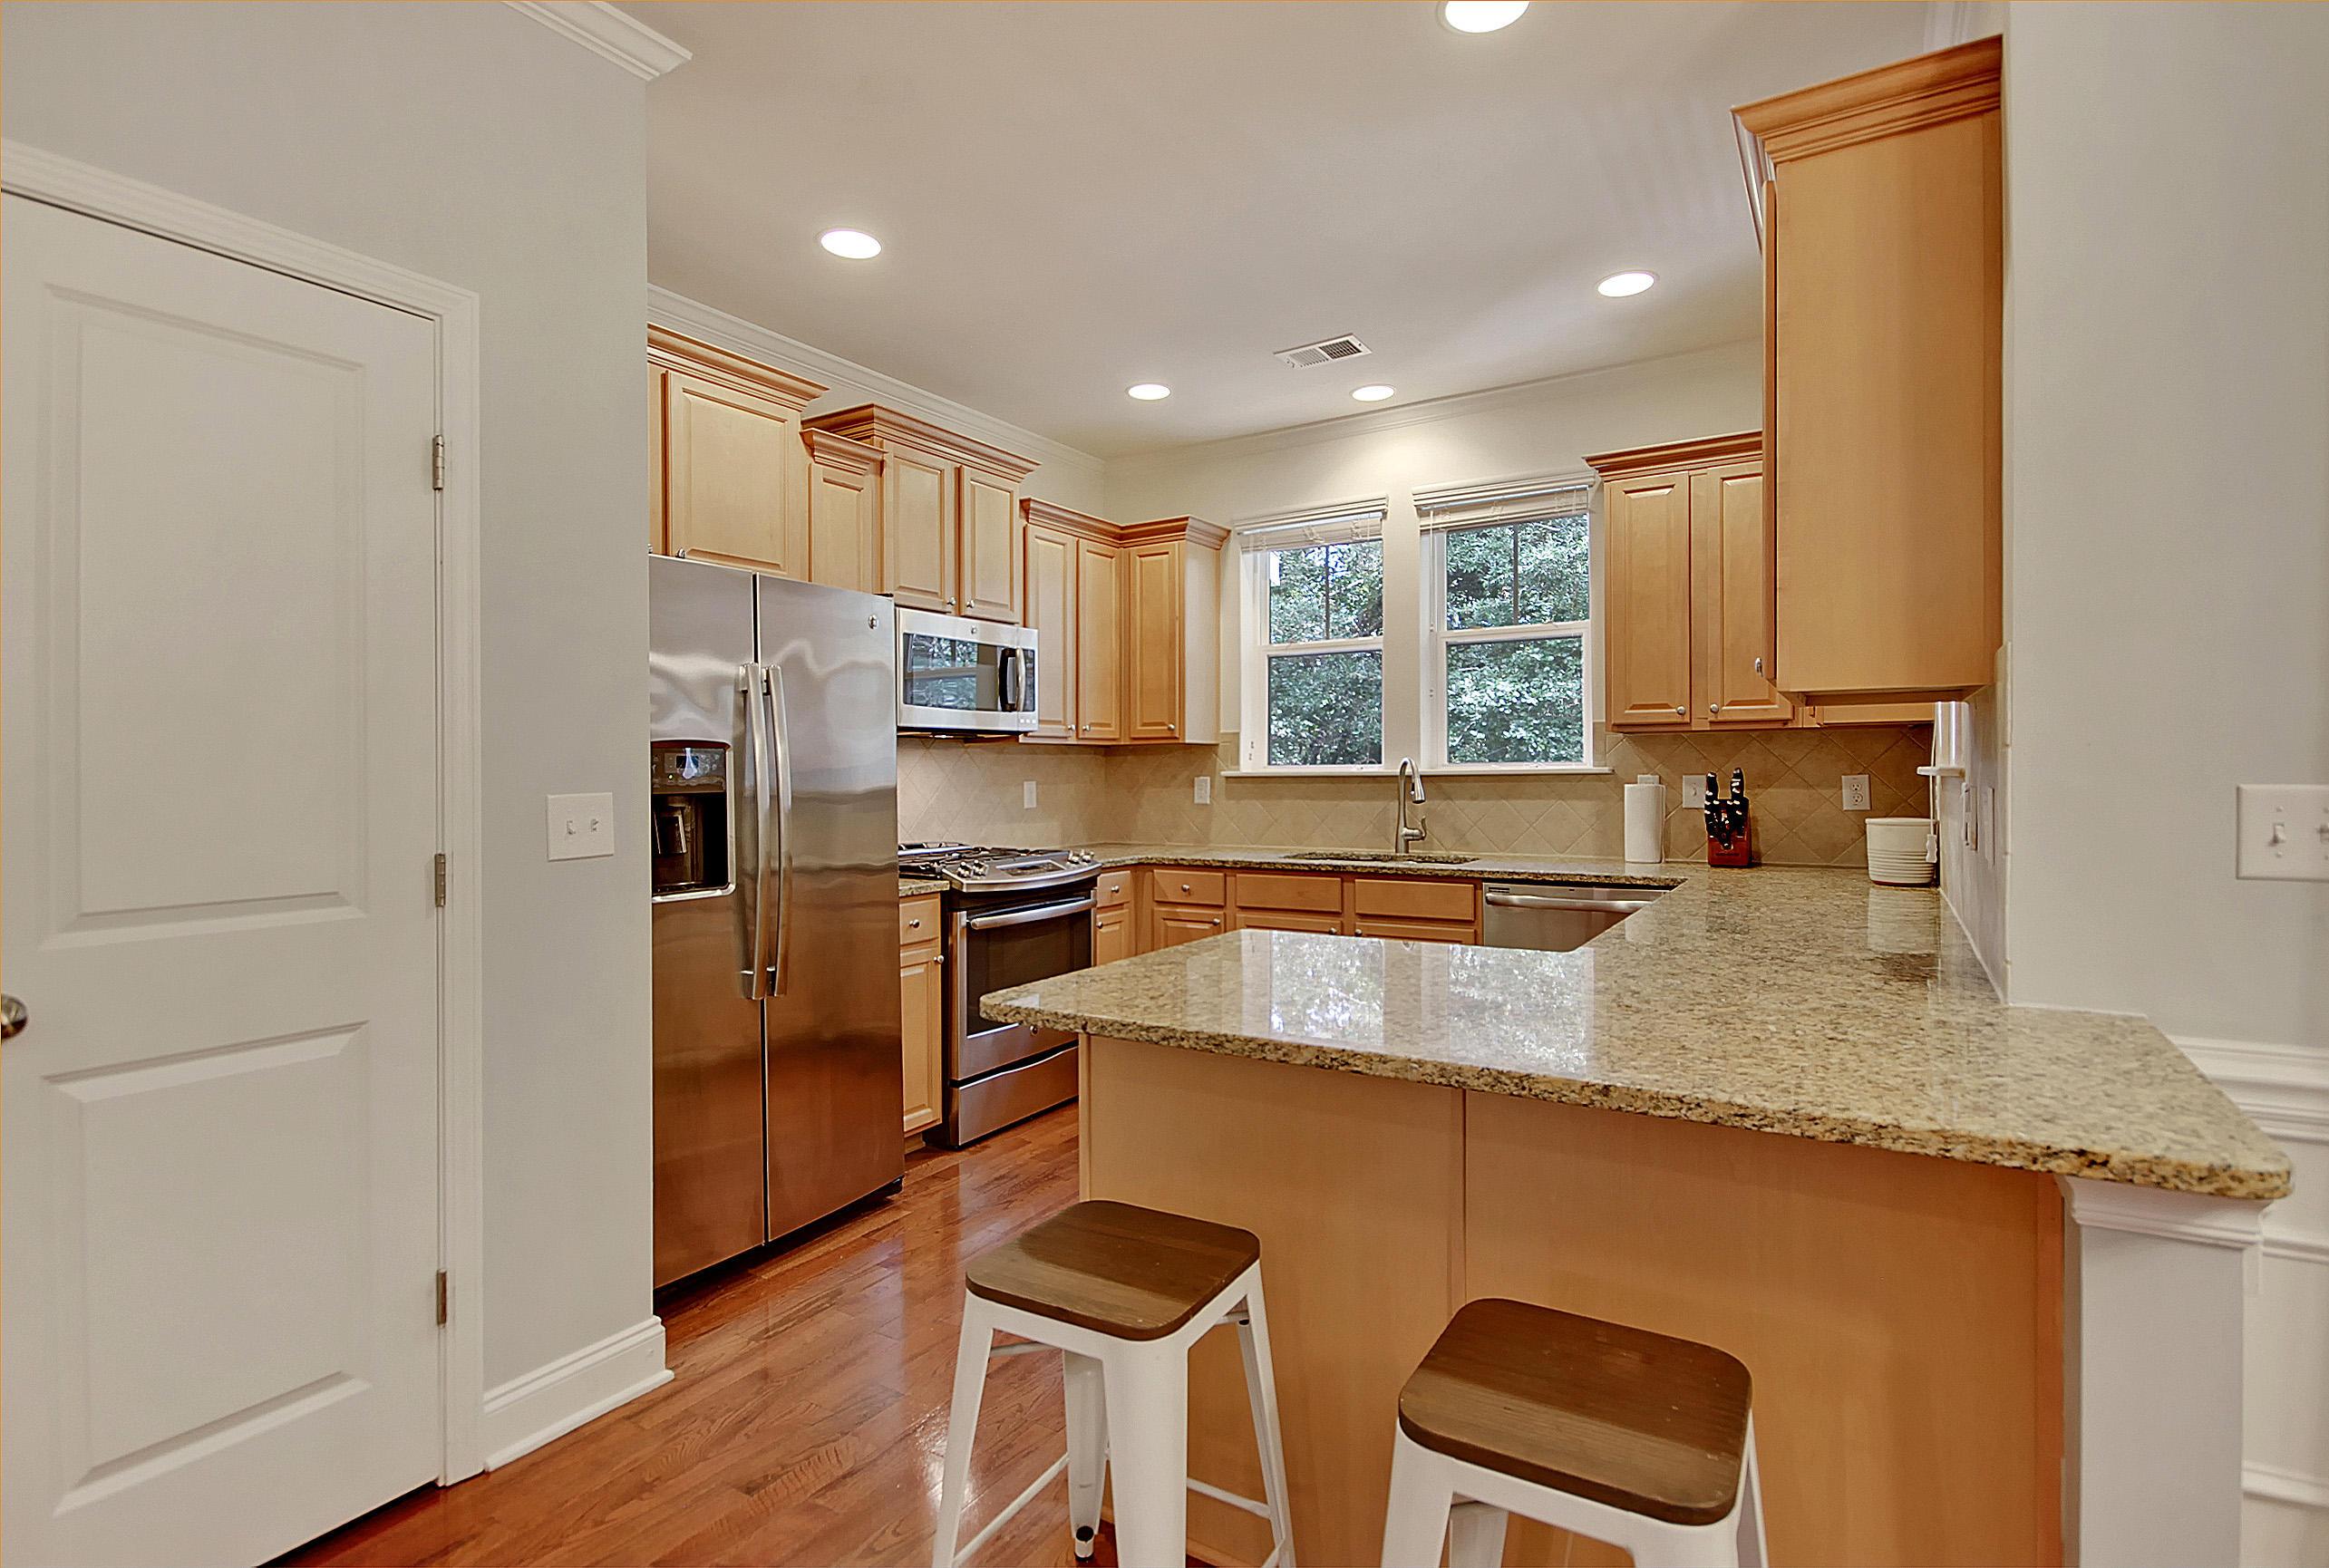 Royal Palms Homes For Sale - 1273 Dingle, Mount Pleasant, SC - 33